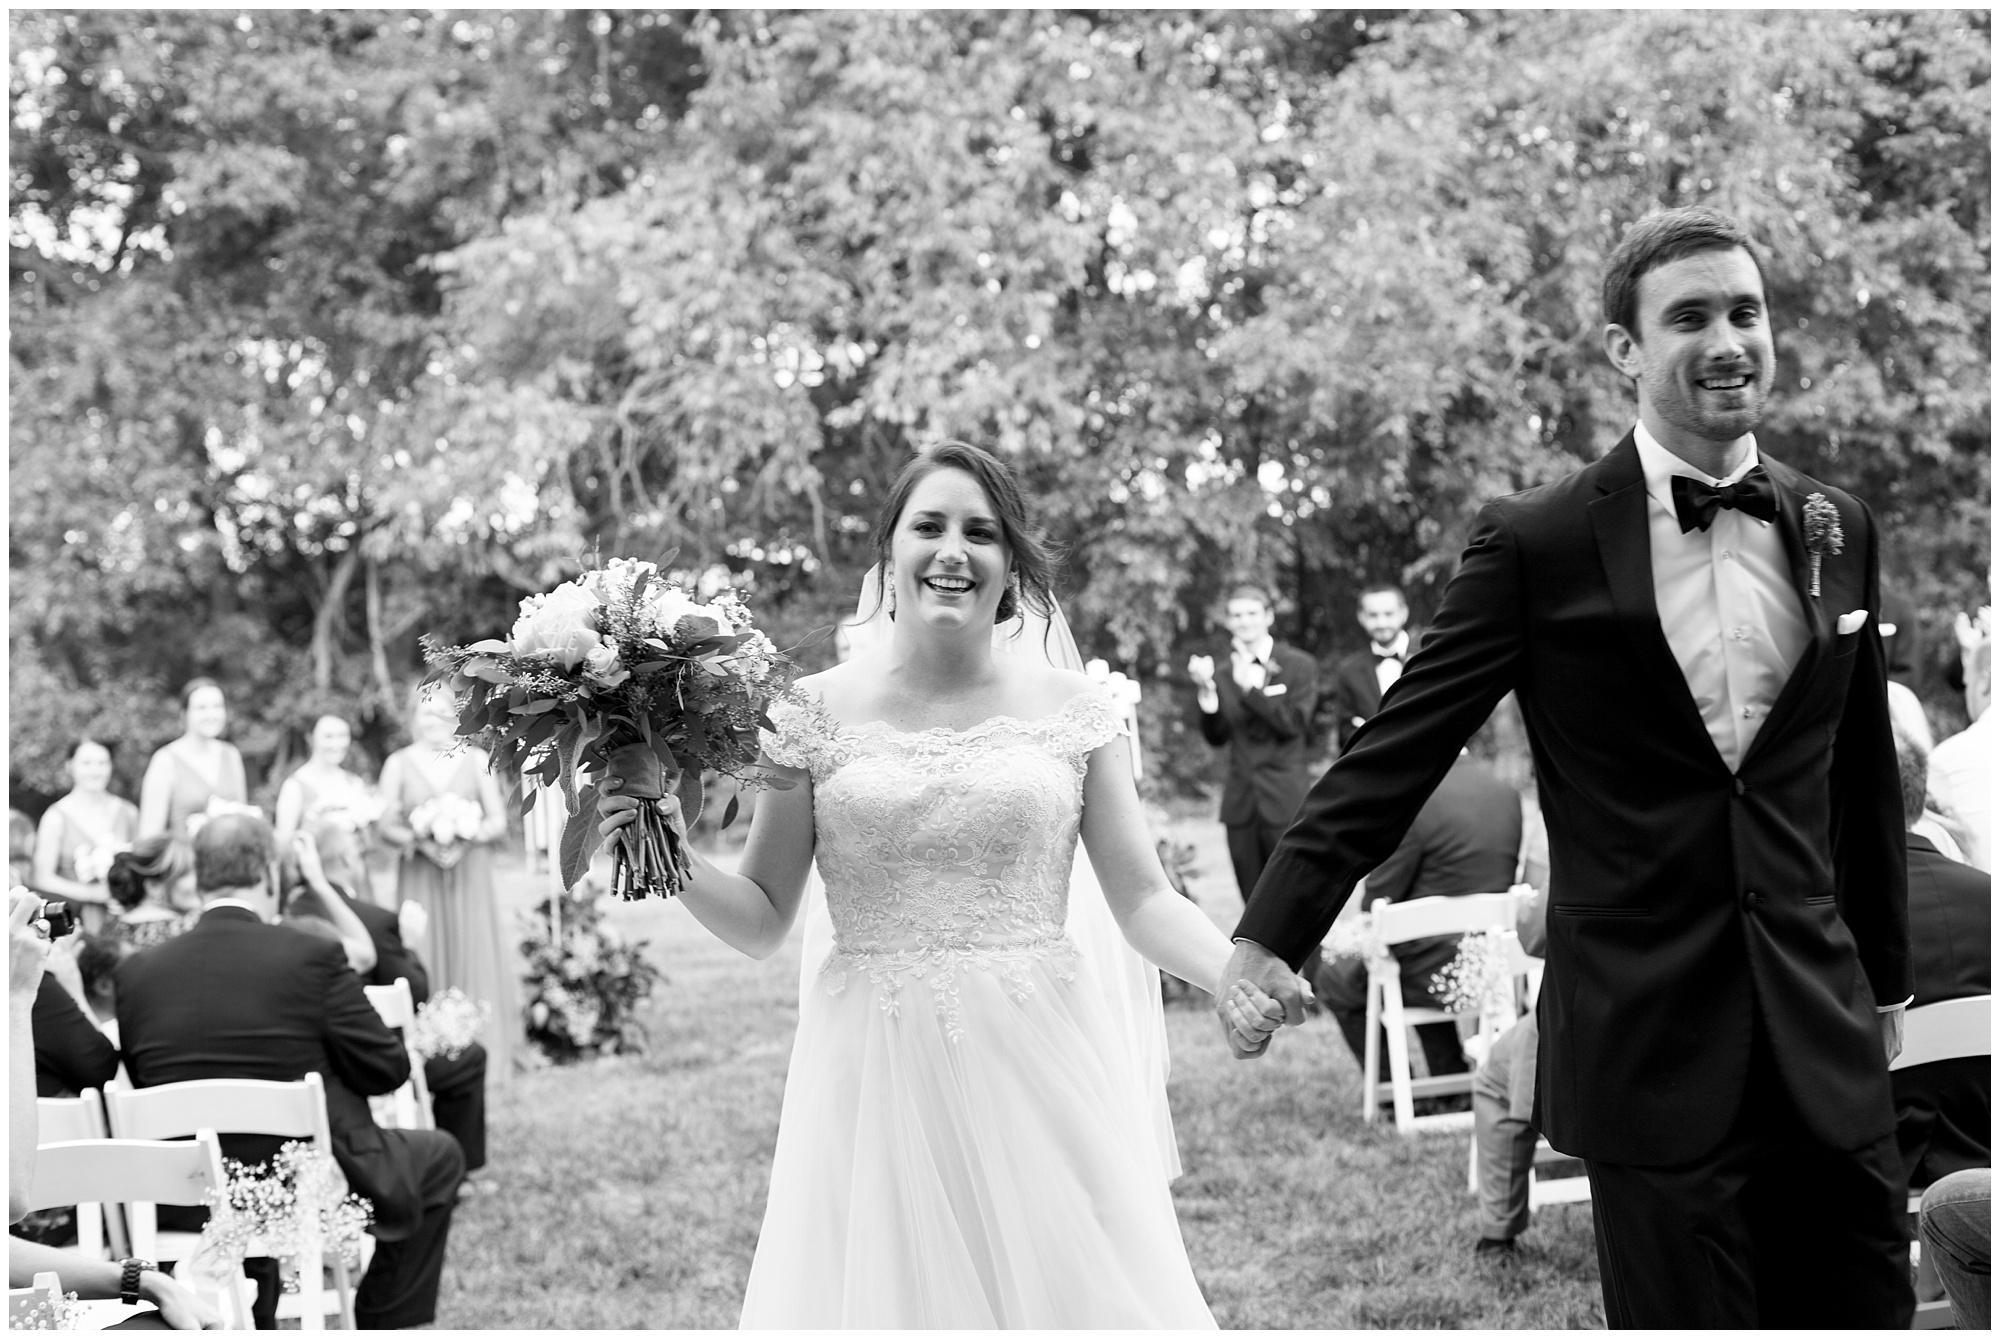 bridegroomjustmarried